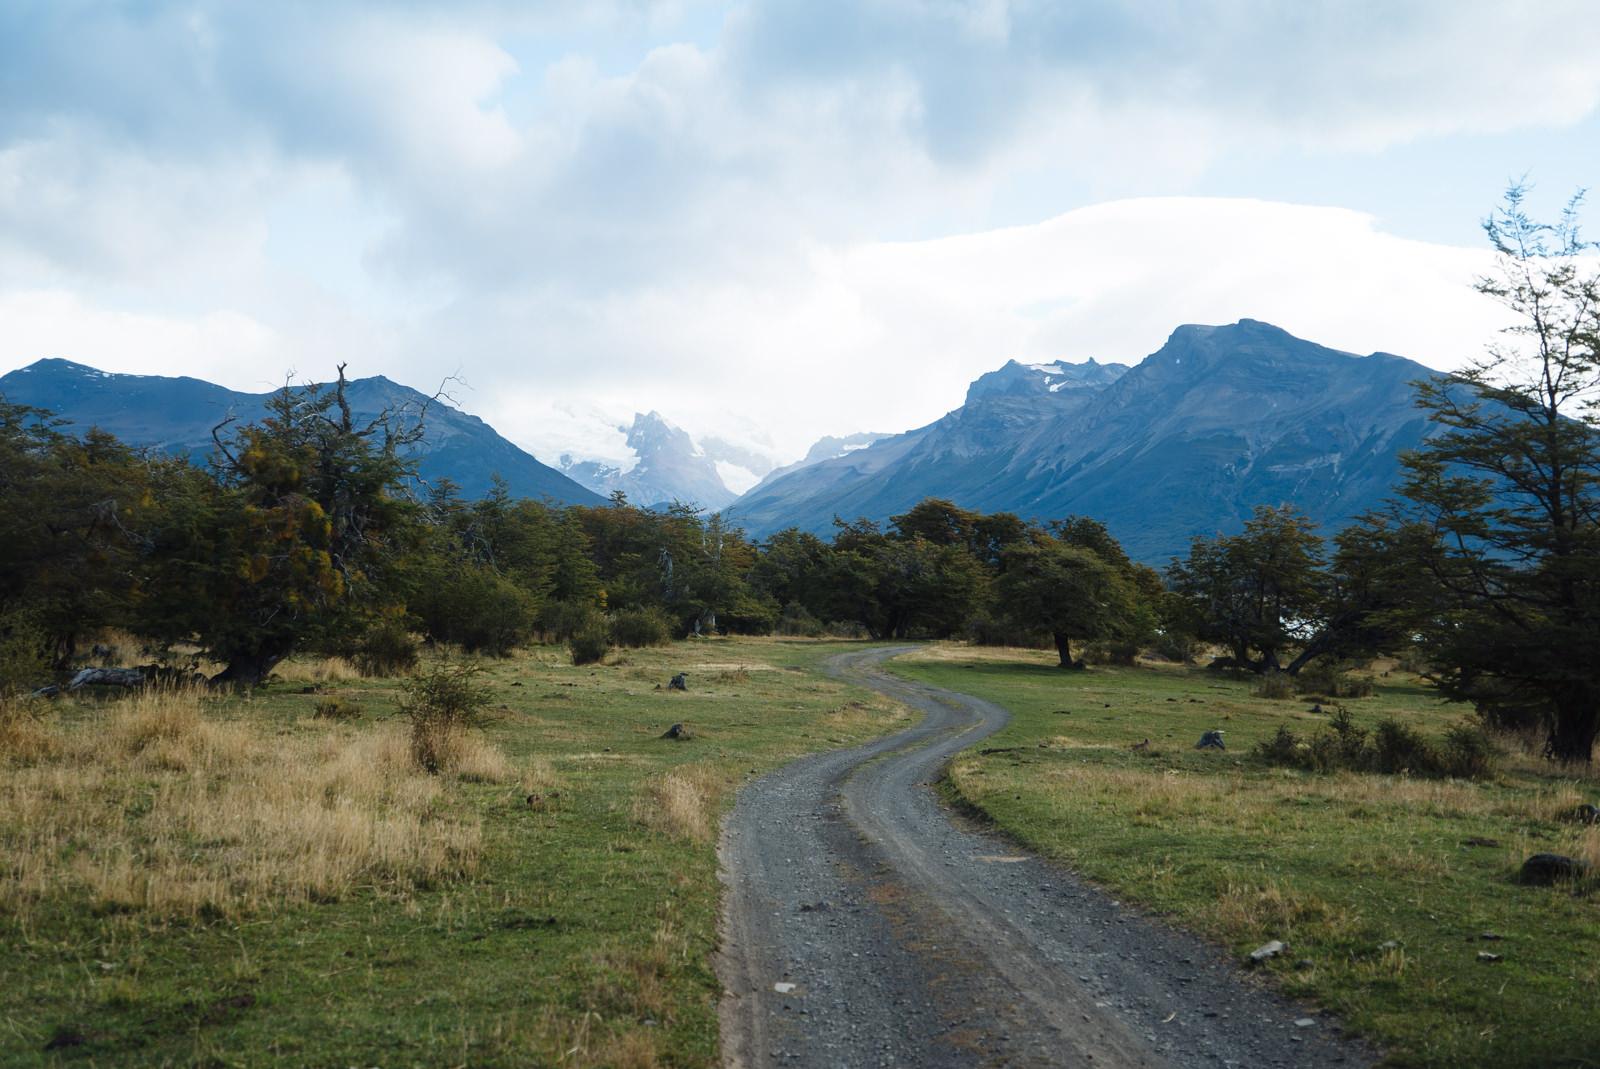 wrenee-el-calafate-patagonia-argentina-7.jpg